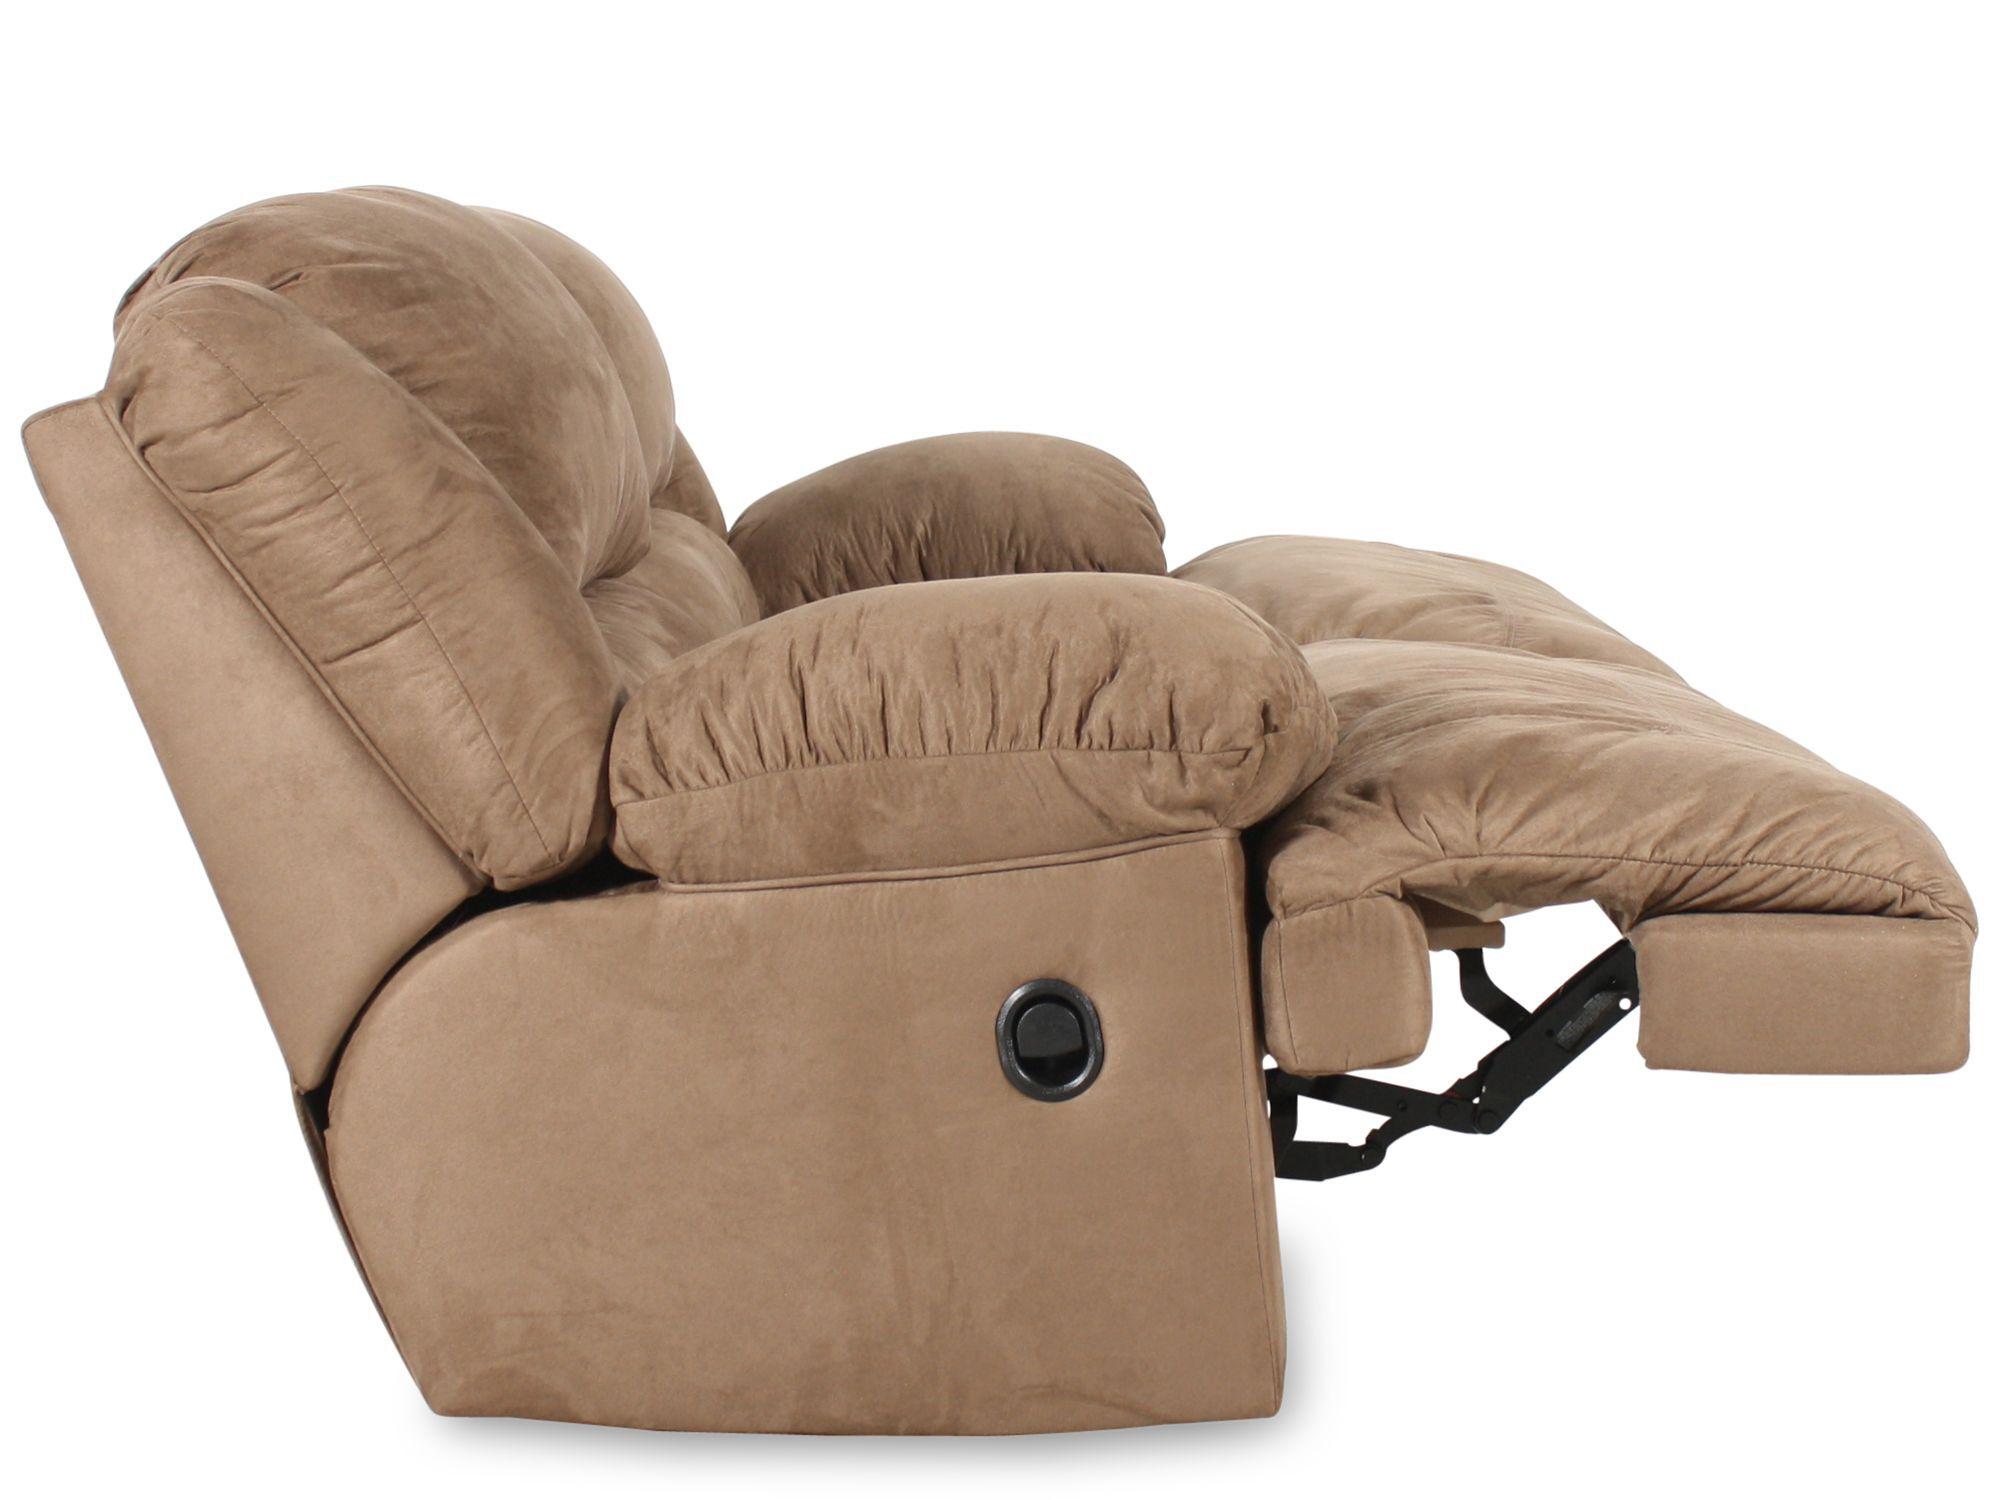 Ashley Hogan Mocha Two-Seat Reclining Sofa  sc 1 st  Mathis Brothers & Ashley Hogan Mocha Two-Seat Reclining Sofa | Mathis Brothers Furniture islam-shia.org